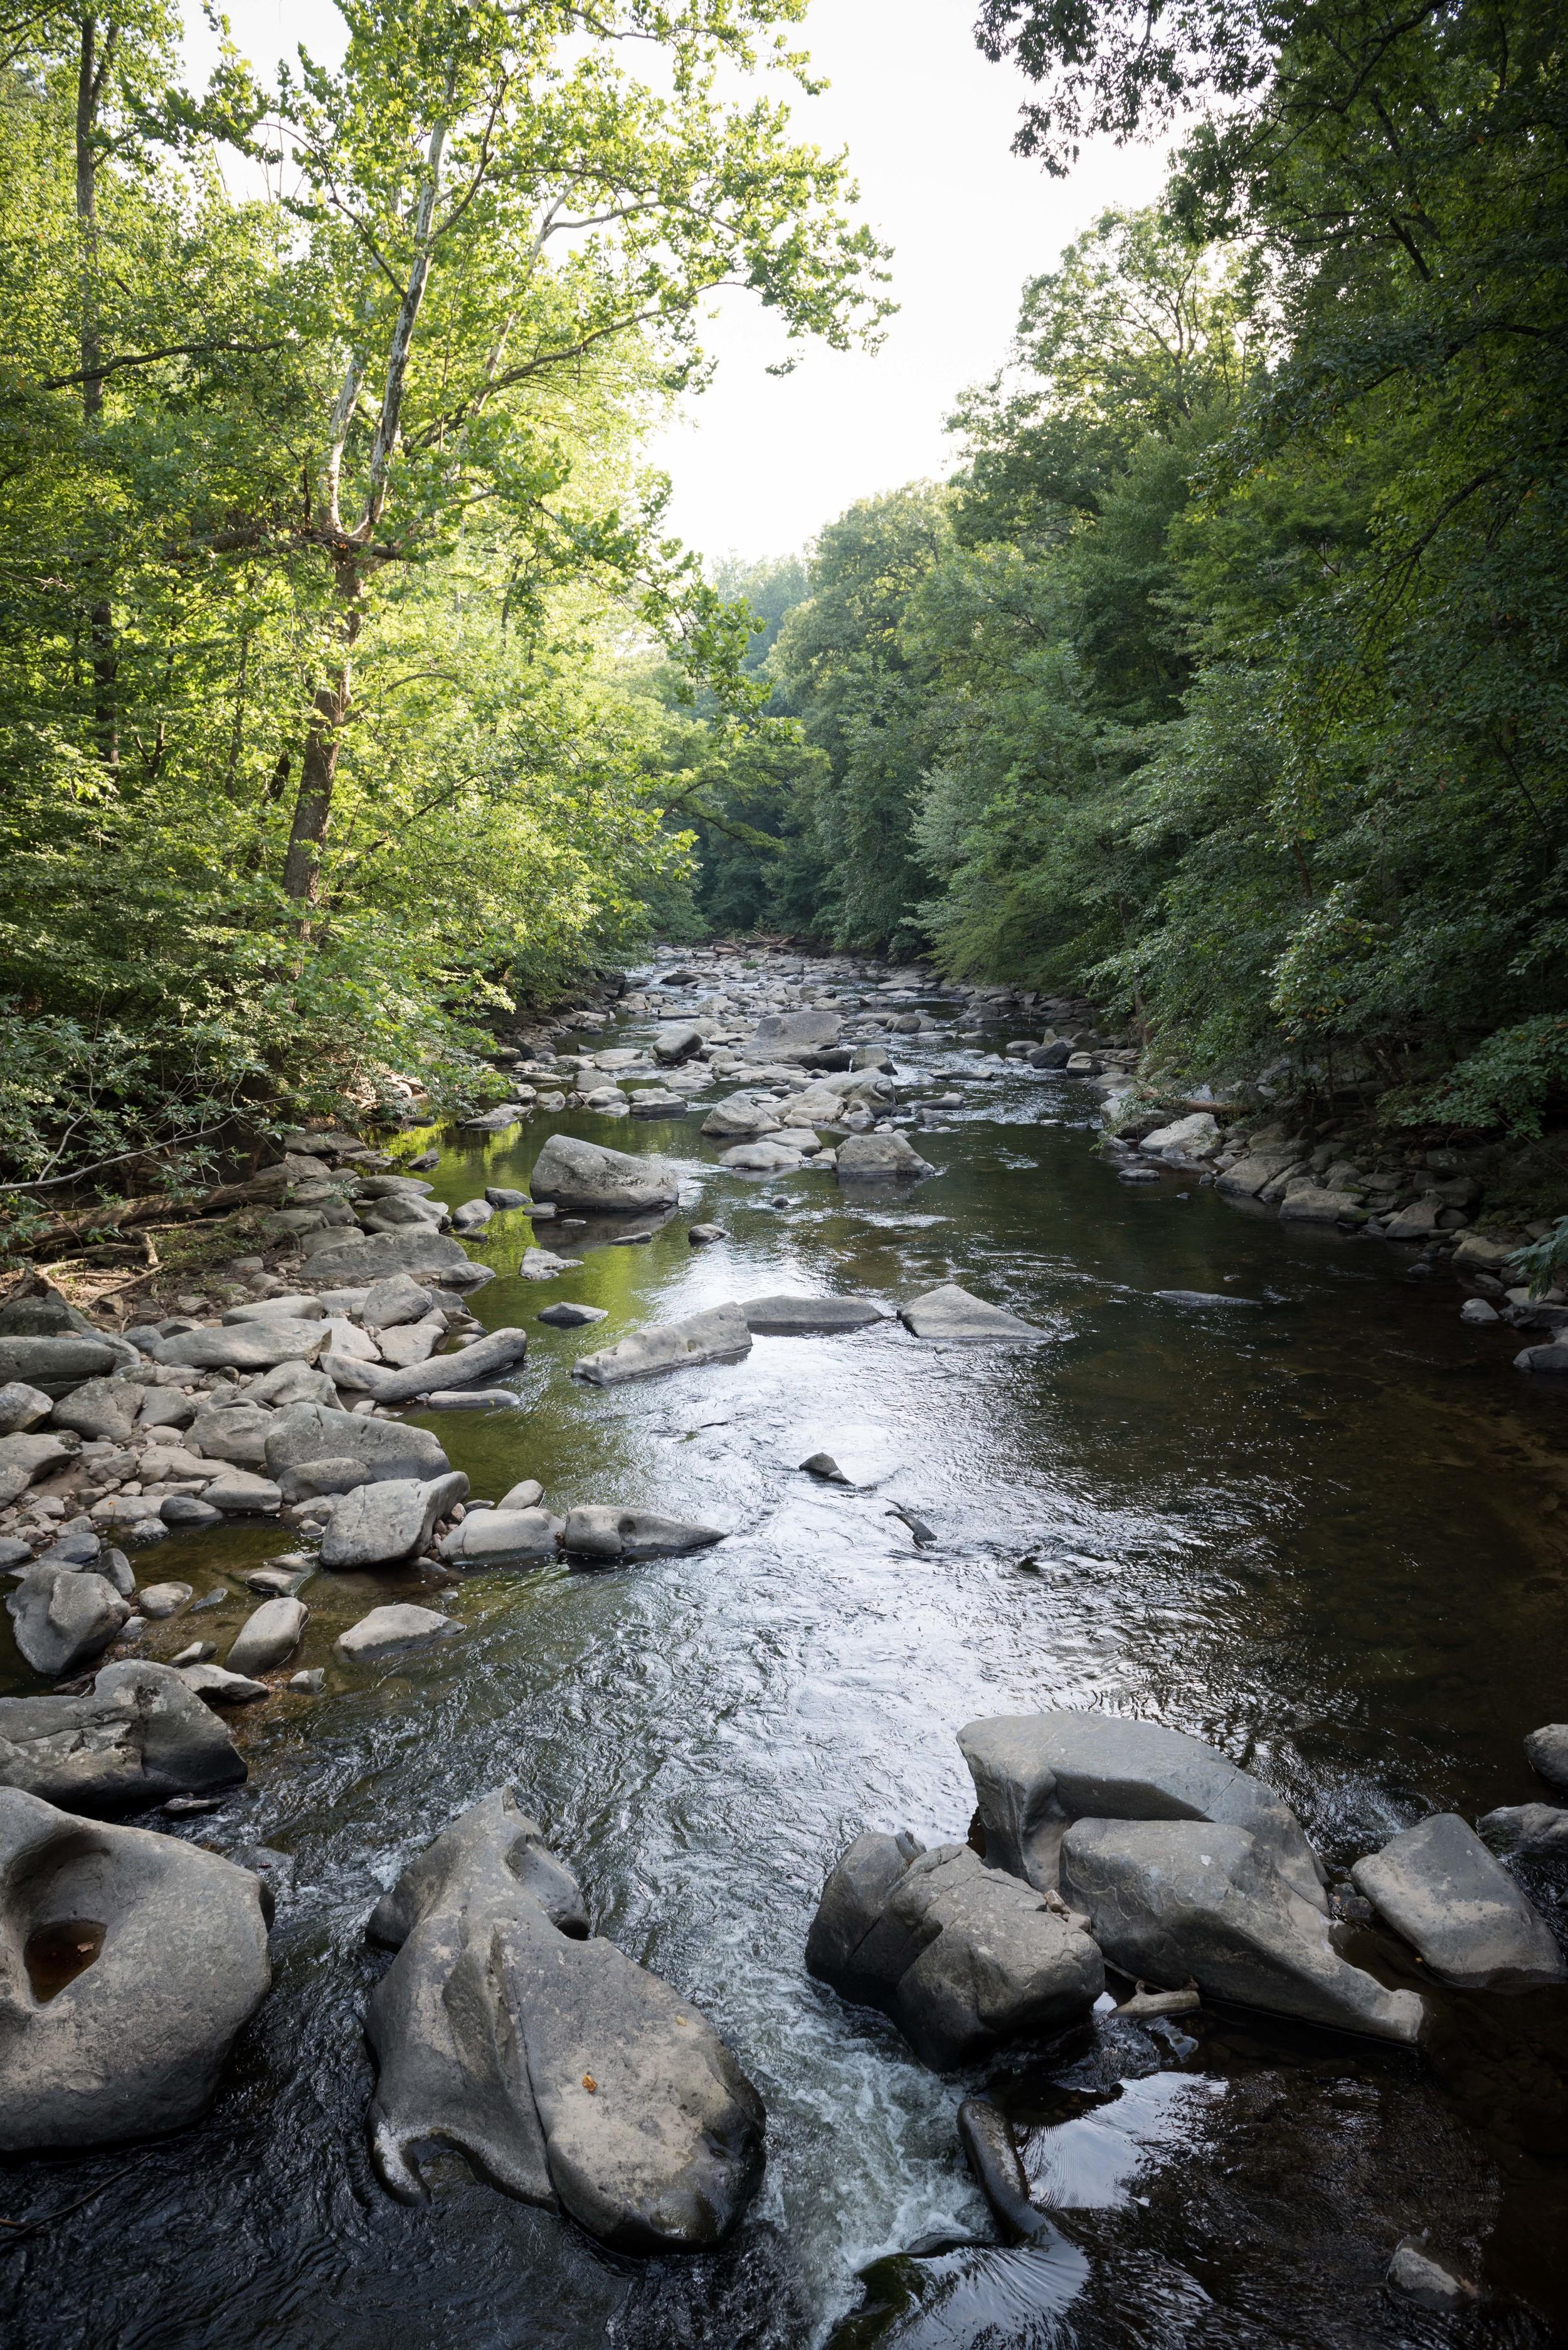 rock-creek-park-washington-dc-4